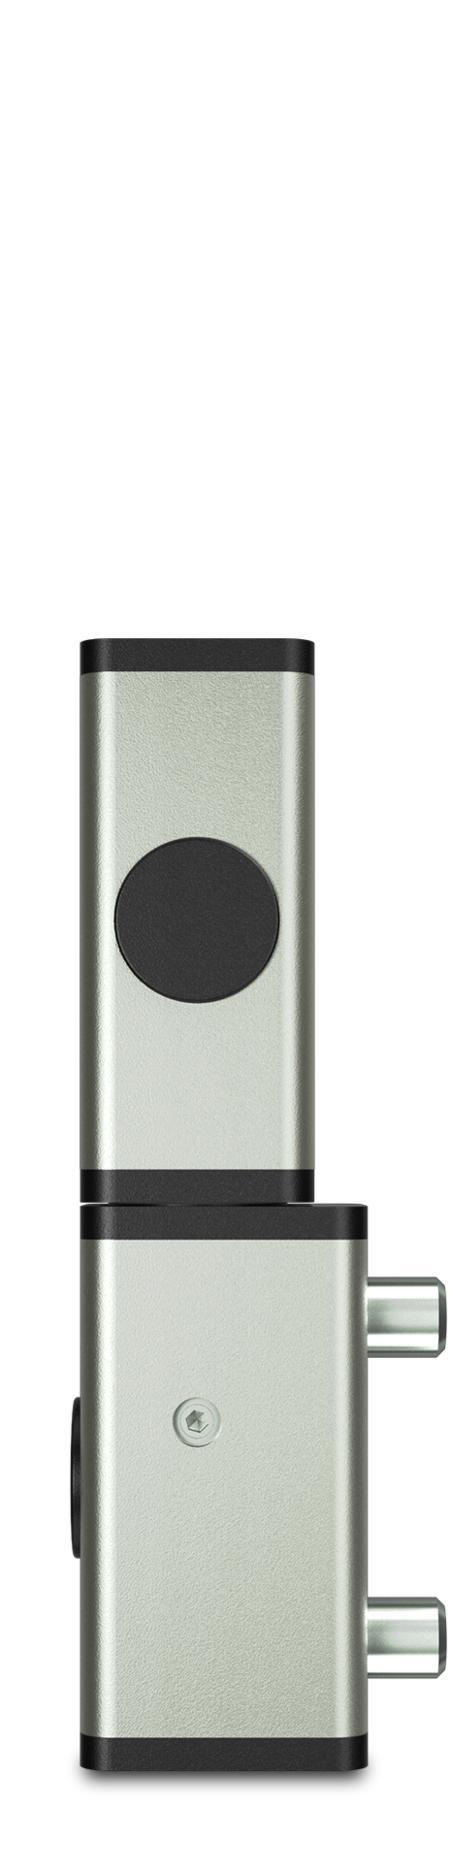 Eckscharnier 2-teilig Edelstahl, gesandstrahlt, rechts und links verwendbar, nicht steigend, aushängbar, für Türen ab 35 mm Überschlag, mit Zapfen, mit schwarzen Abdeckkappen